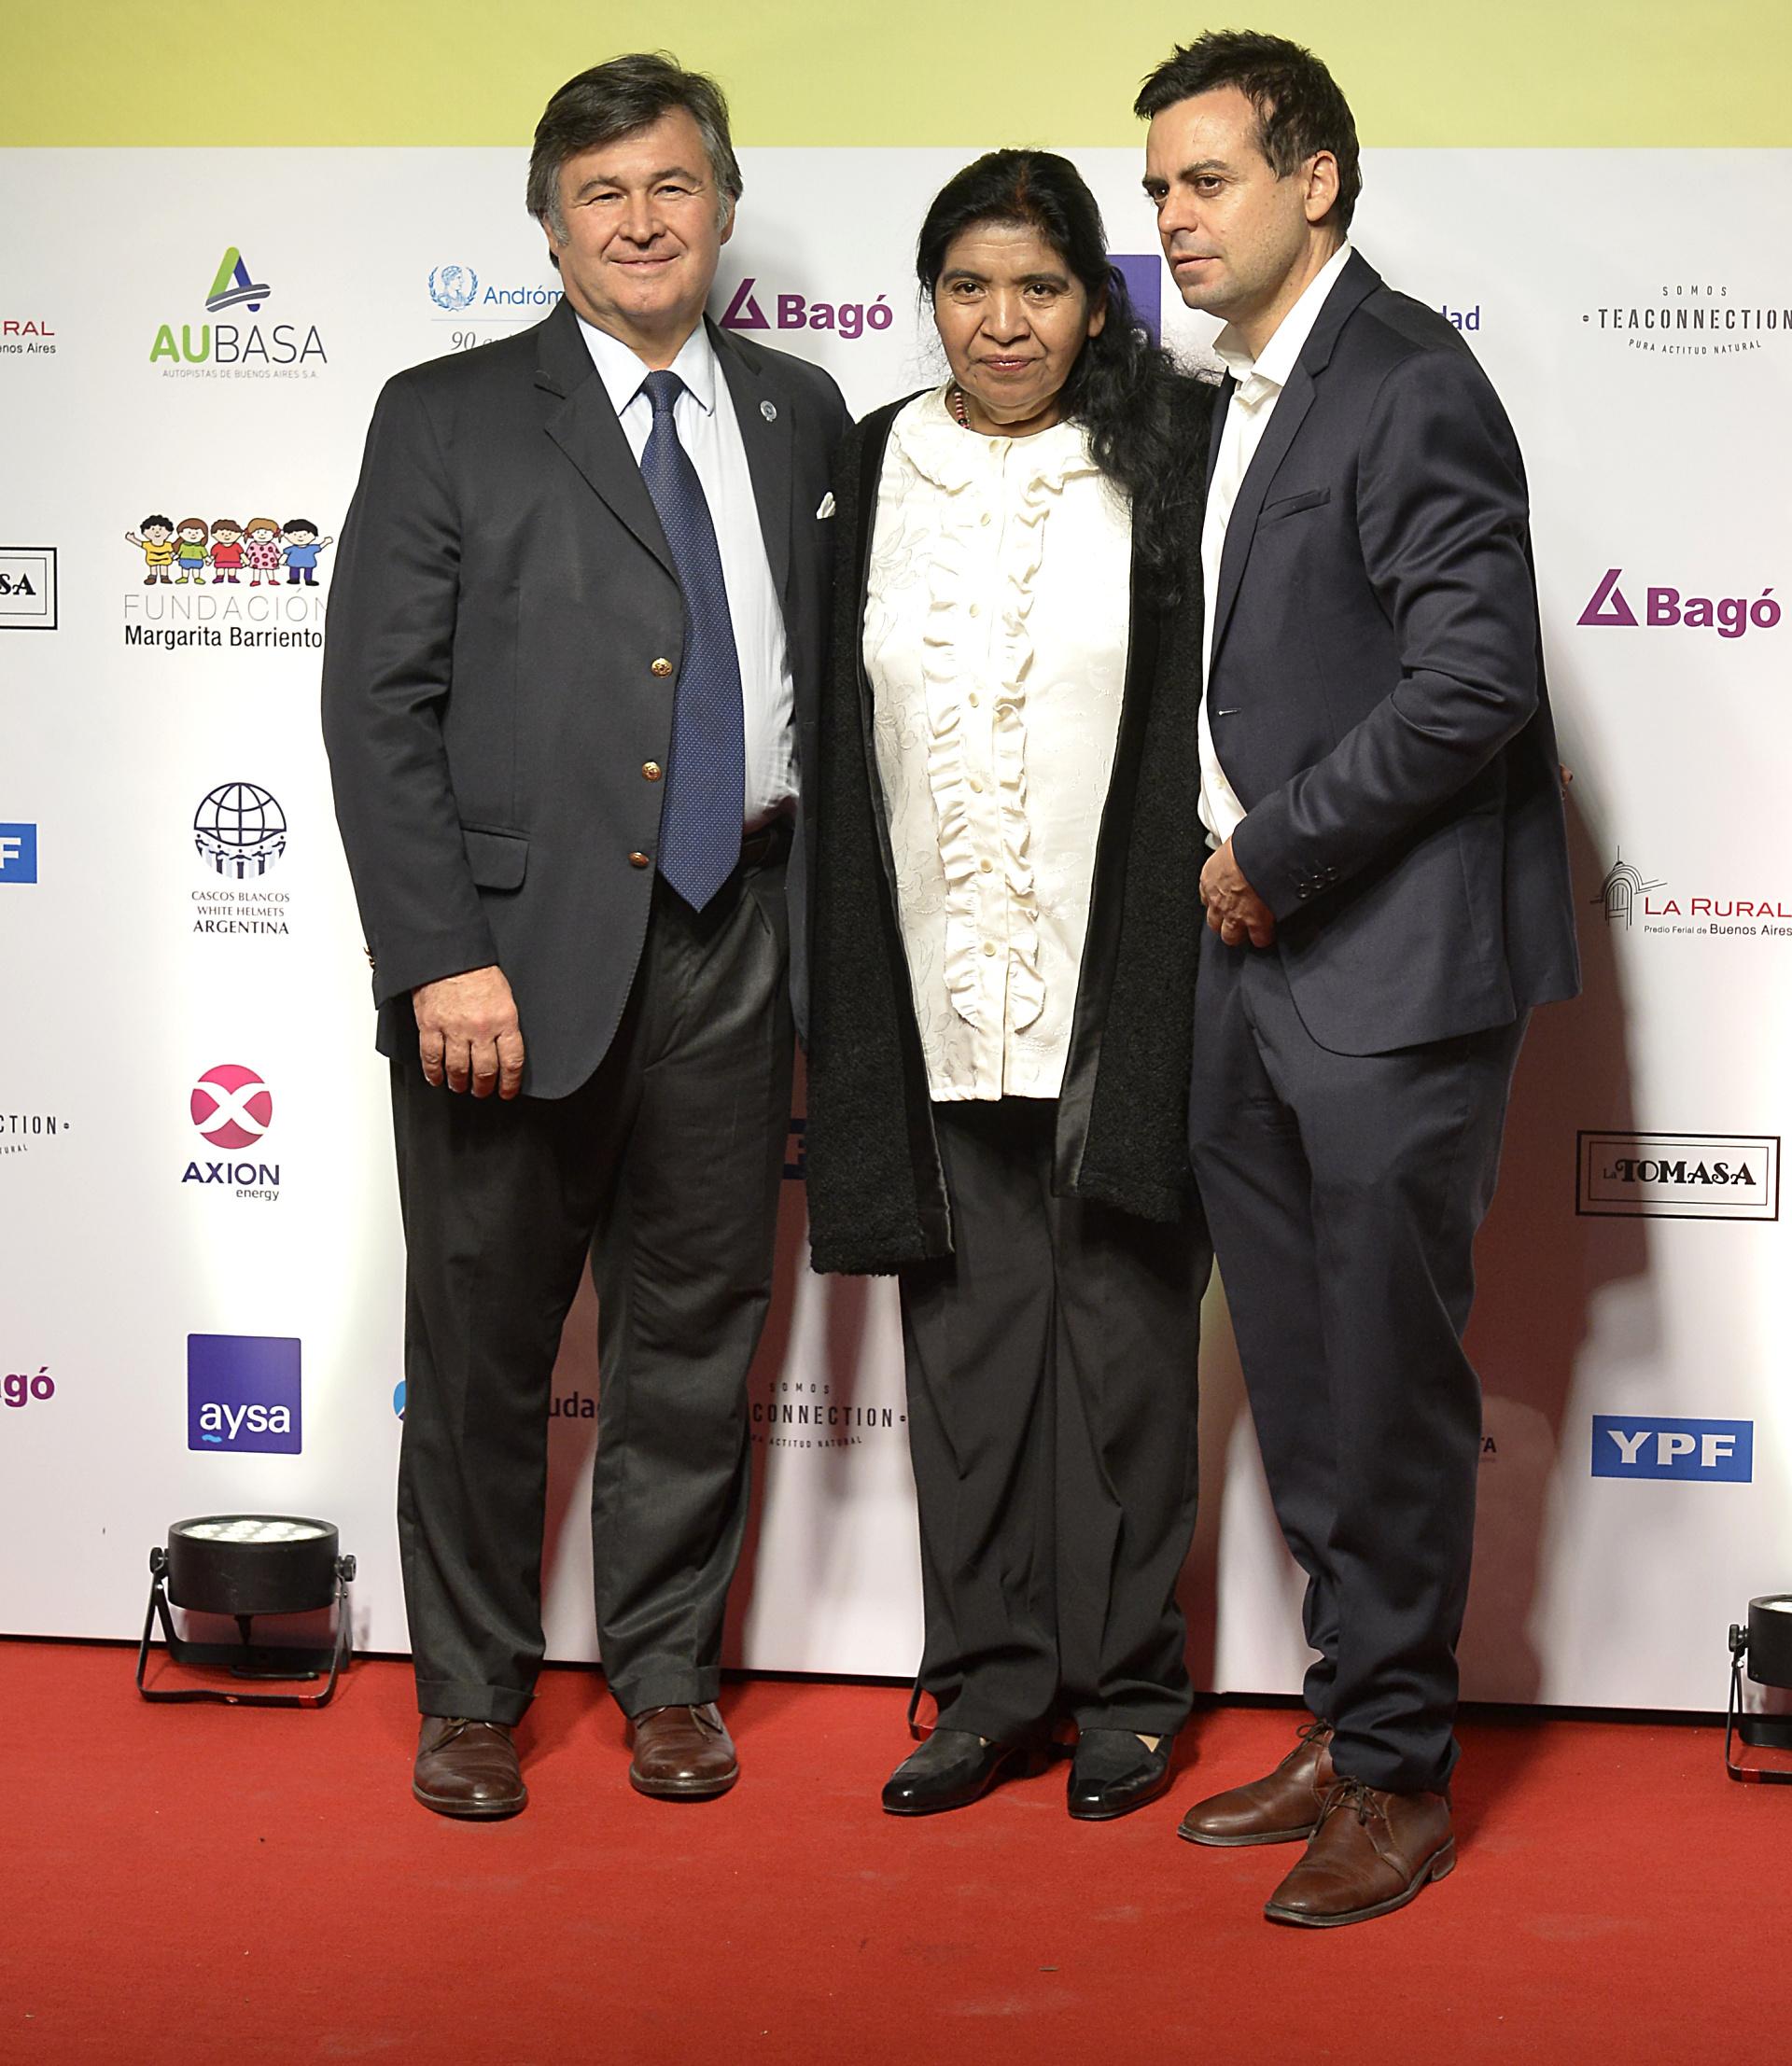 Daniel Pelegrina, Margarita Barrientos y el director general de Fundación Barrientos, Ezequiel Eguia Segui